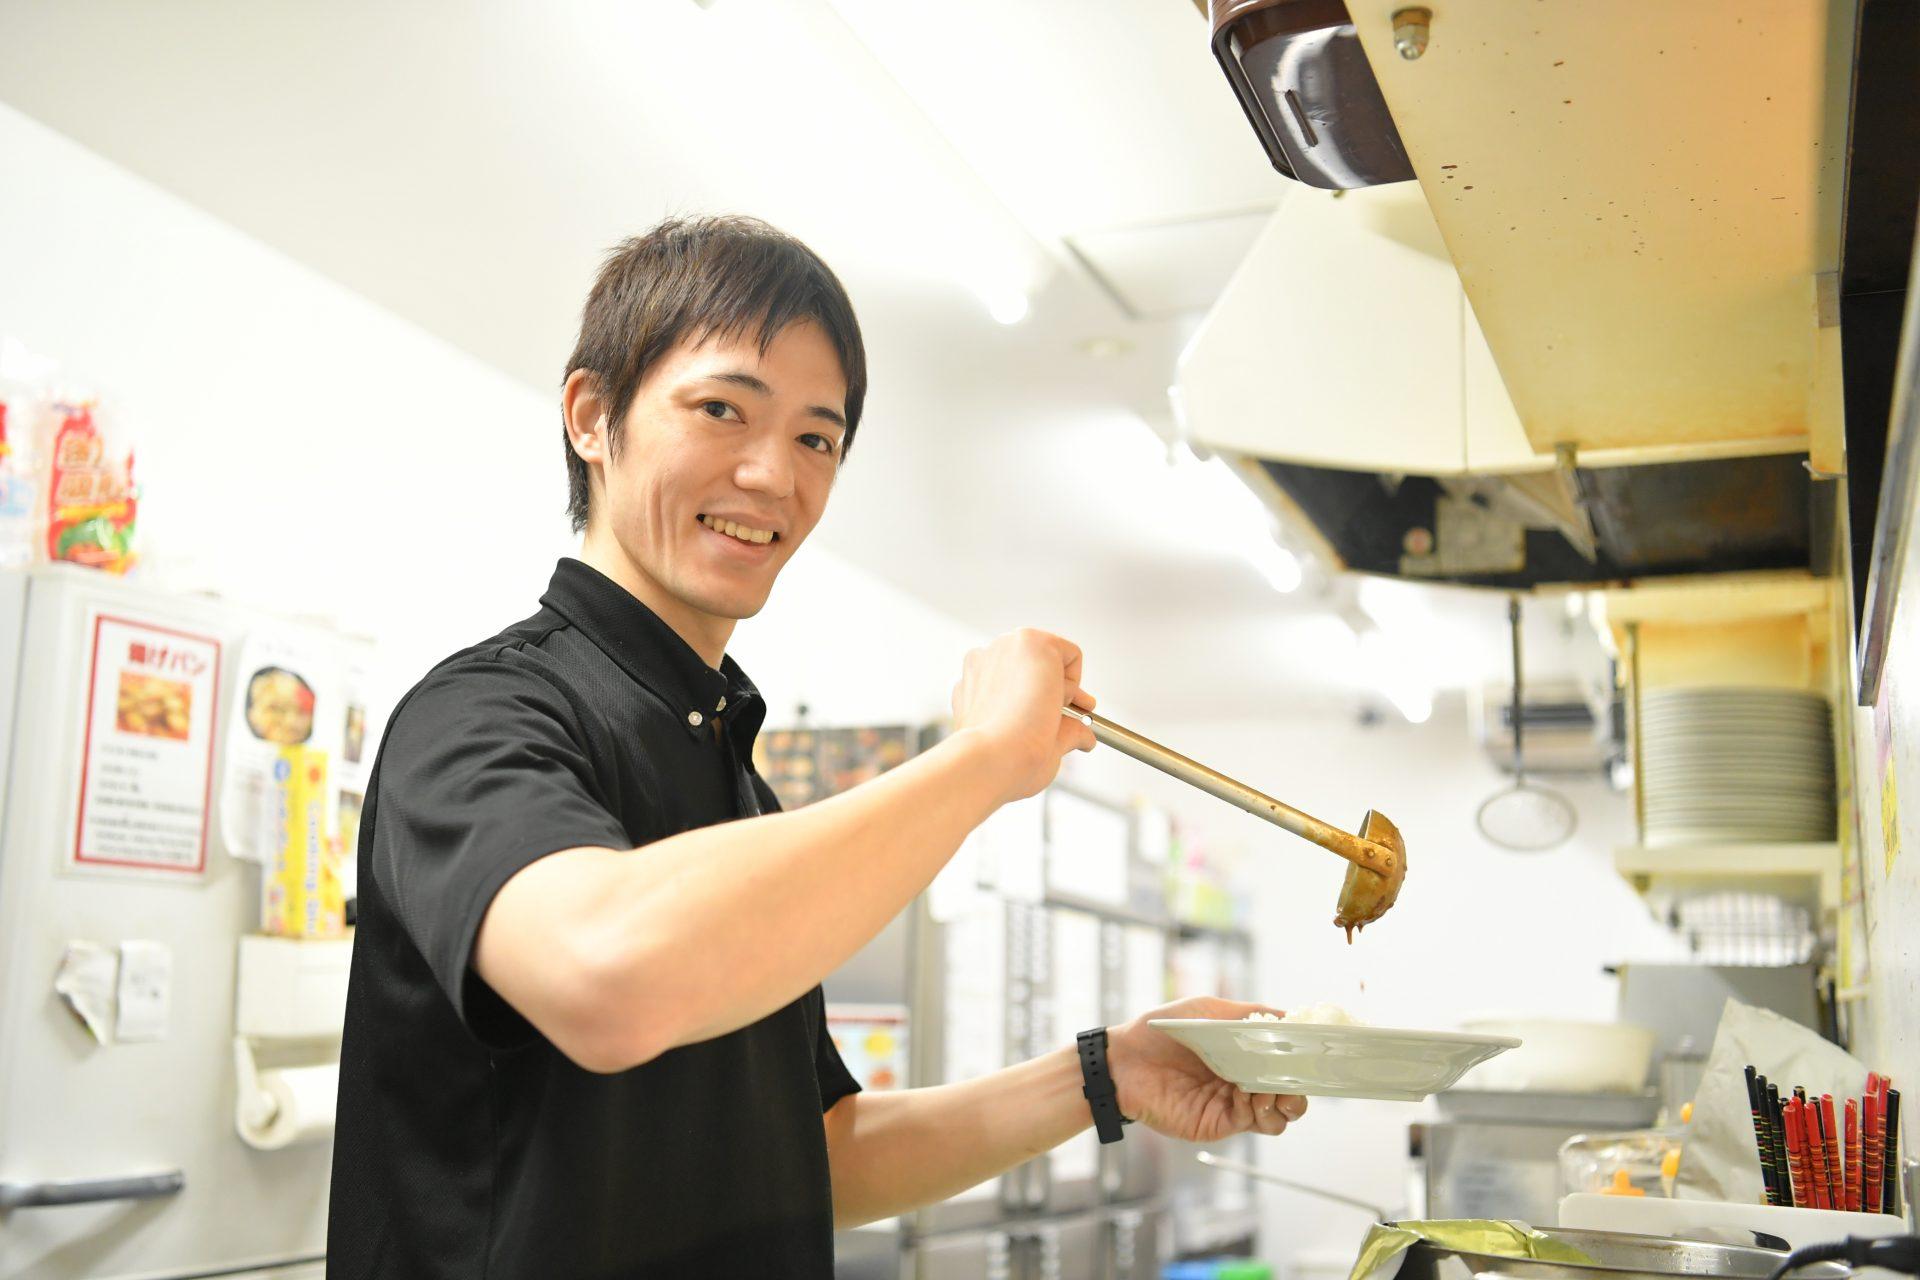 【古賀市】学生活躍中のインターネットカフェスタッフ